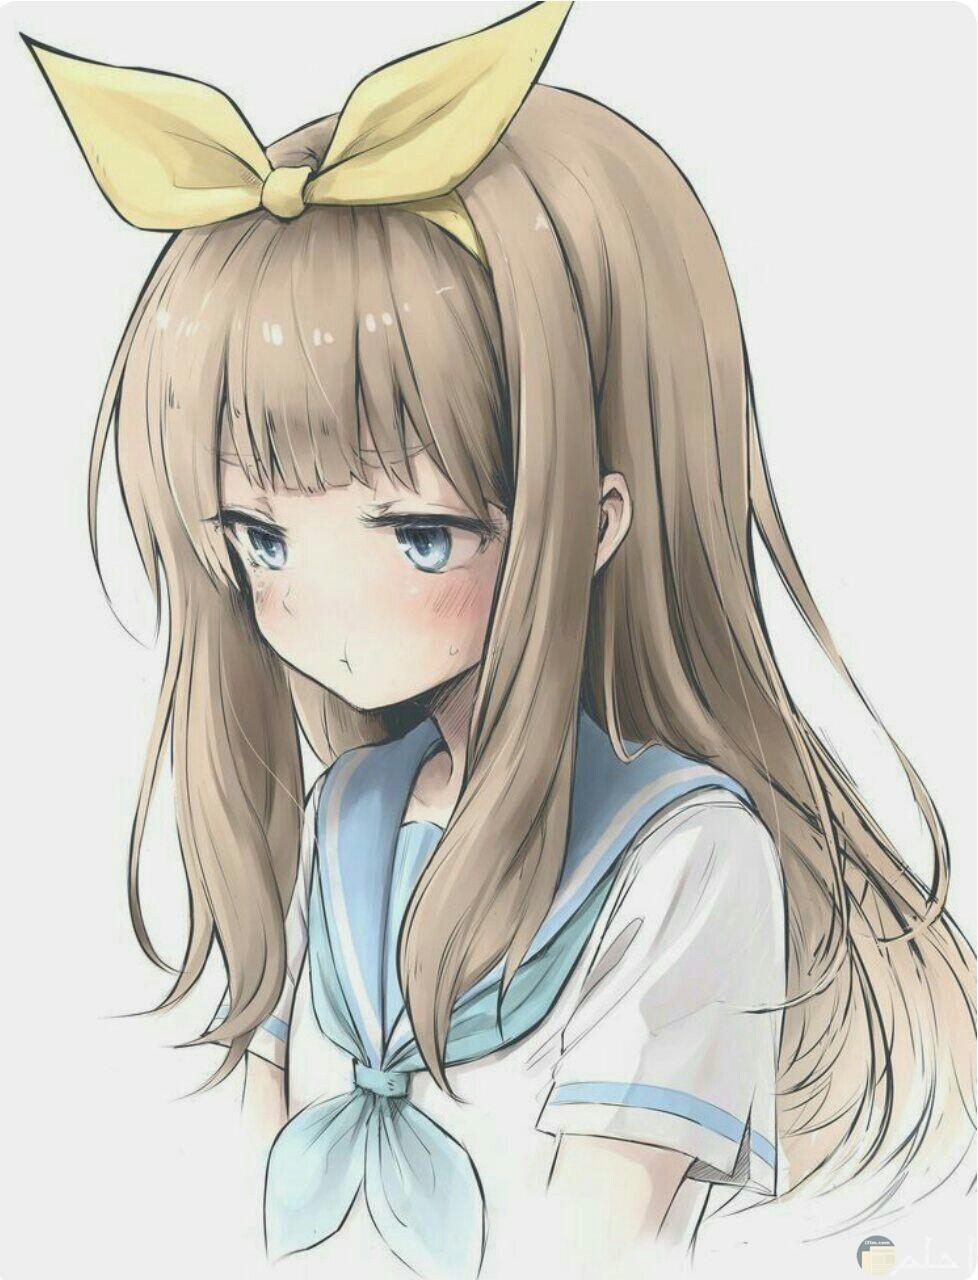 رسمة بنت انمي حزينة و كيوت.